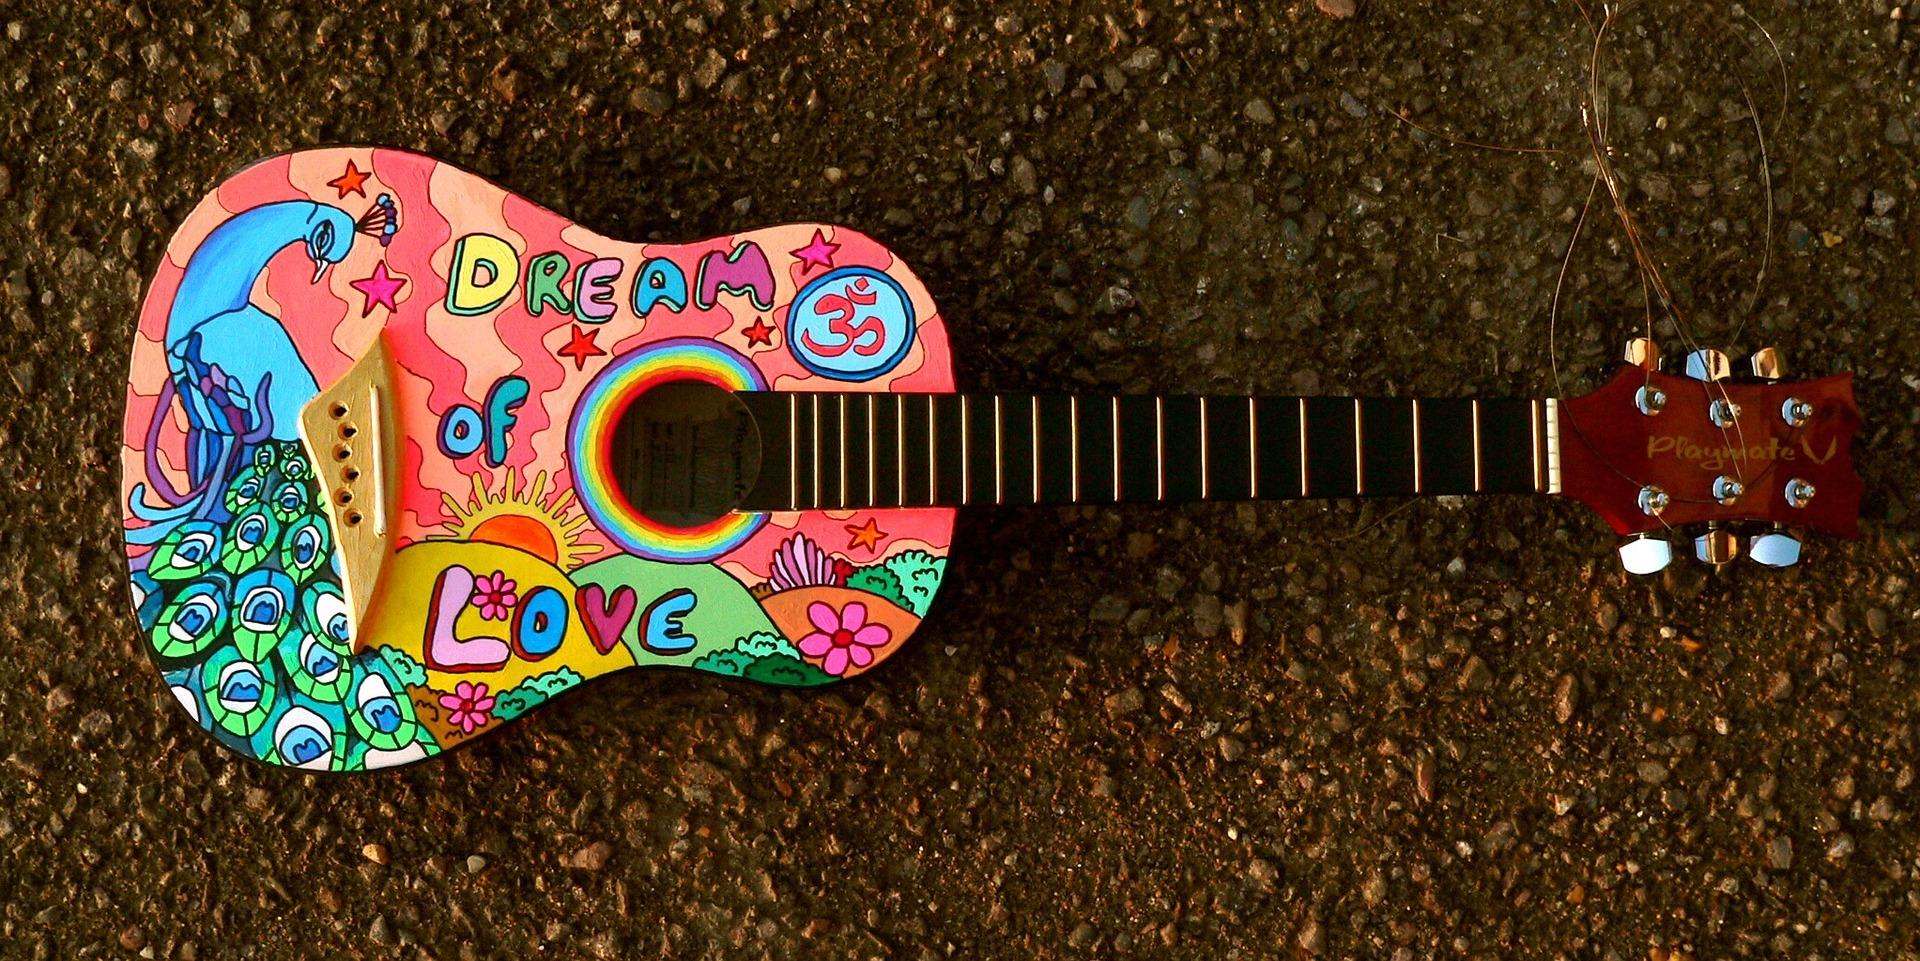 jacqueline_turner   This beautiful ukulele I found at last years  #yuccafest  I'm so sad I couldn't keep it! :(